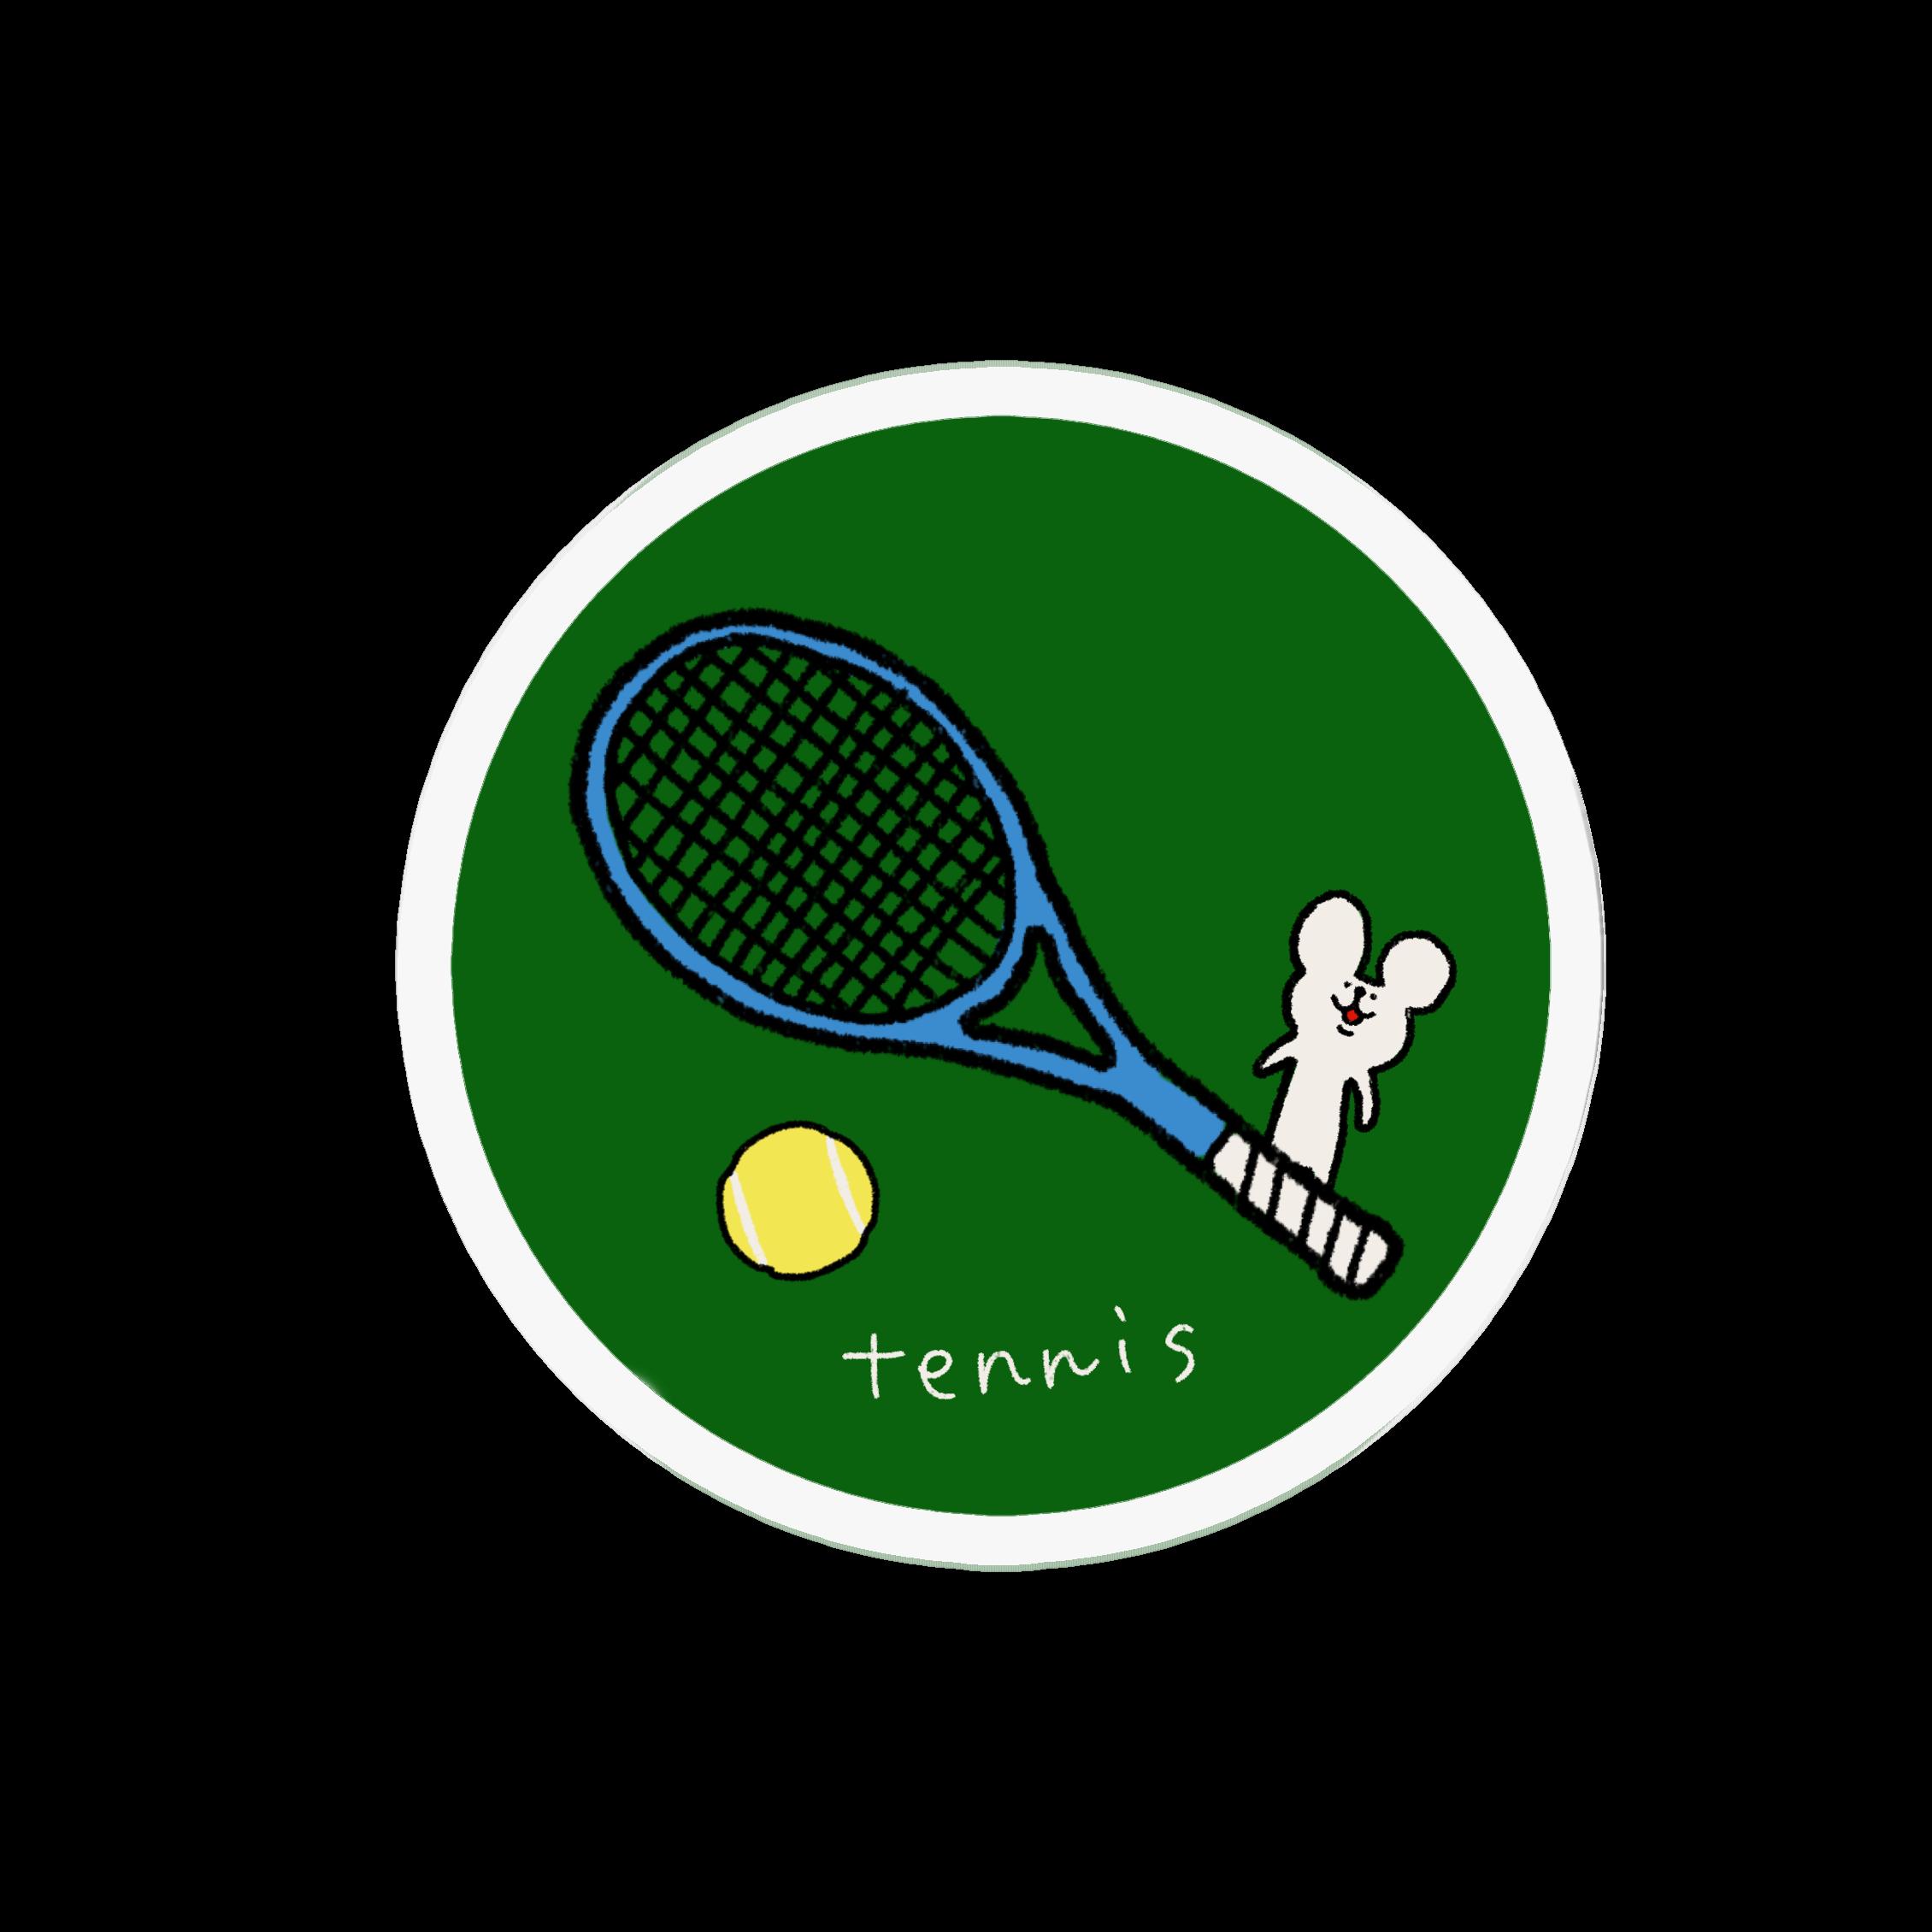 アクリルバッジ|テニスが好きなあなたへ